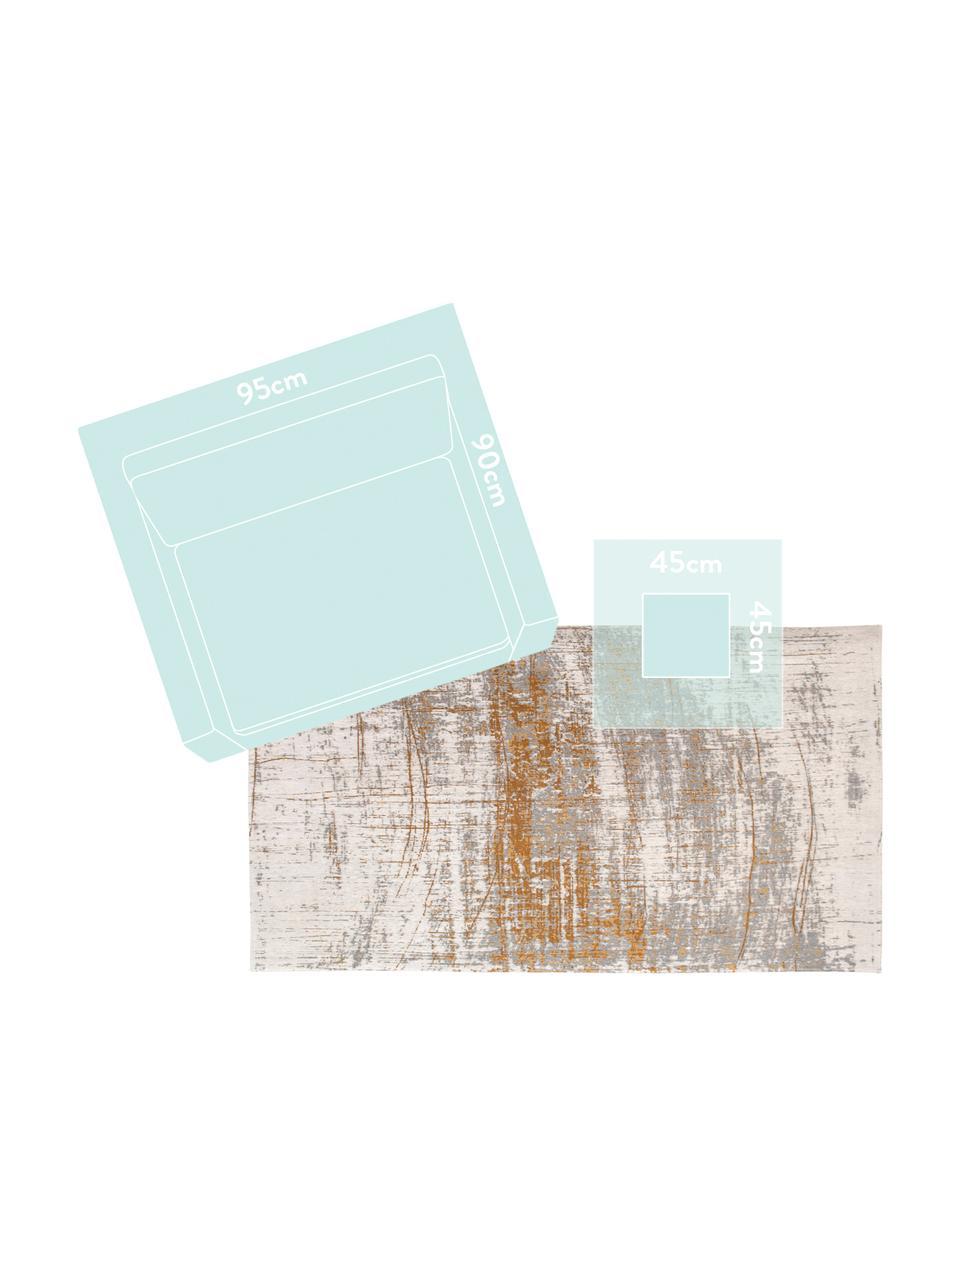 Tappeto Griff, Tessuto: Jacquard, Retro: Miscela di cotone, rivest, Grigio, dorato, bianco, Larg. 140 x Lung. 200 cm (taglia S)